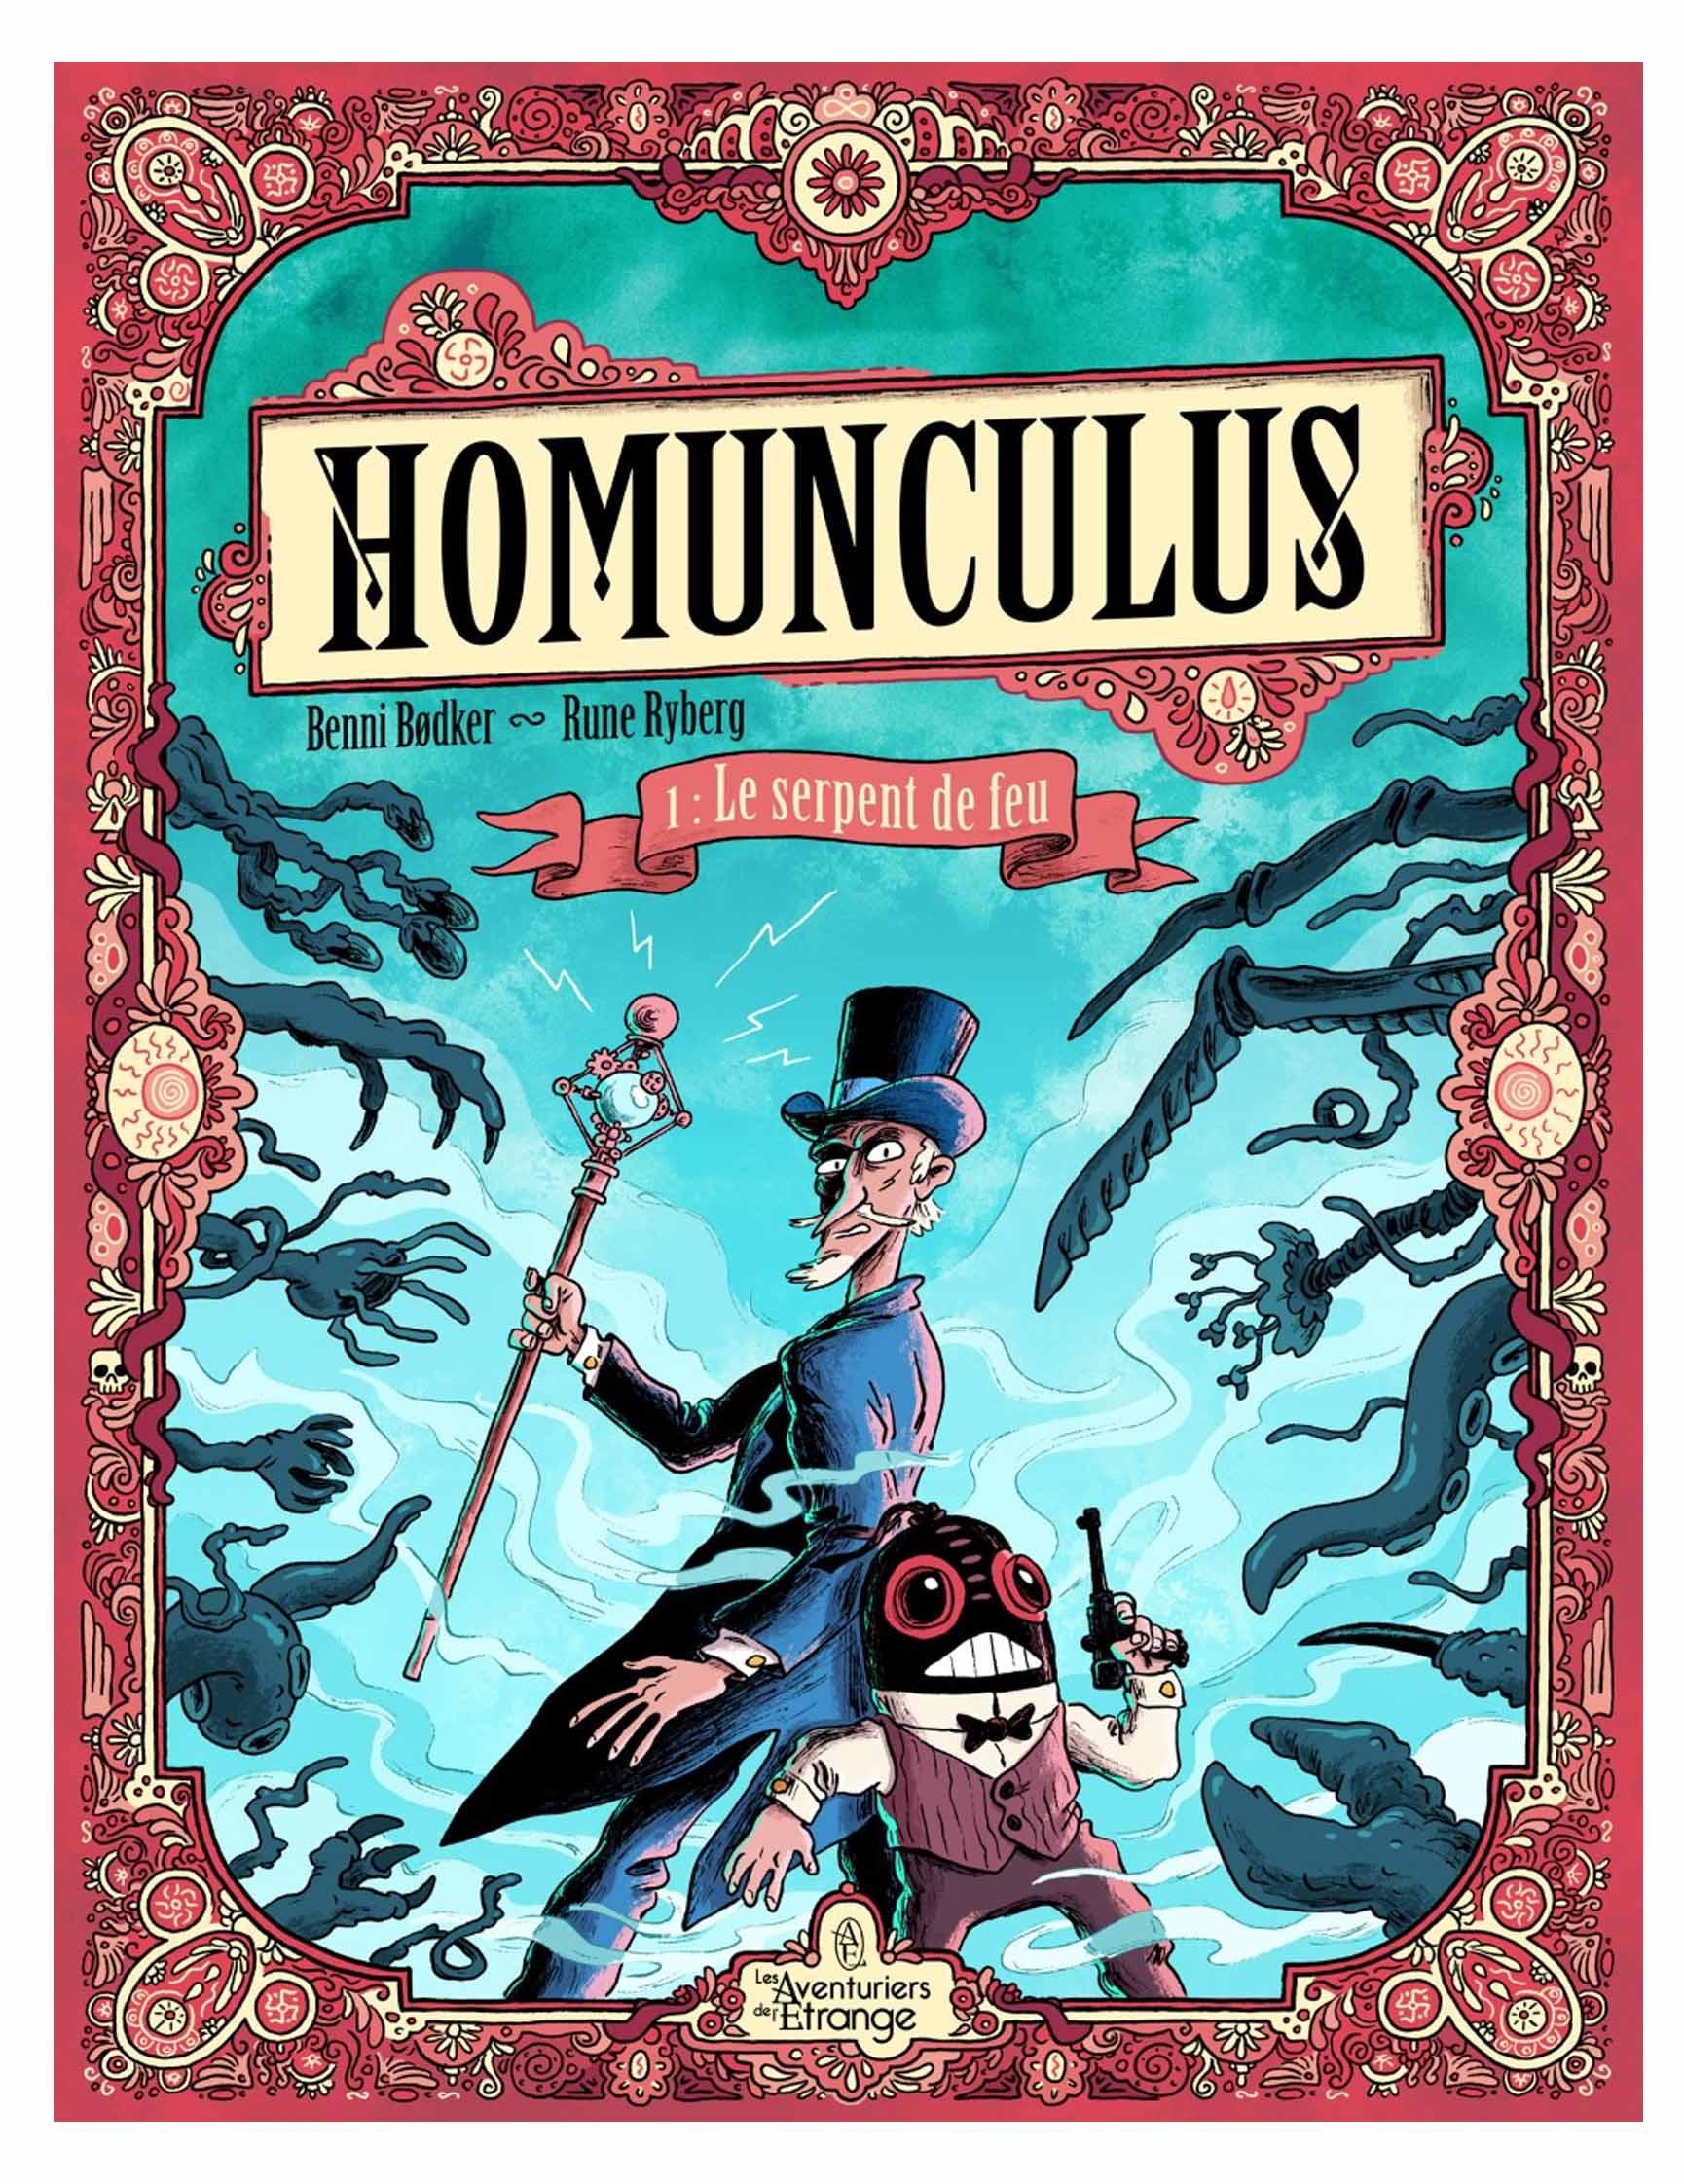 Homonculus 1 - Le serpent de feu